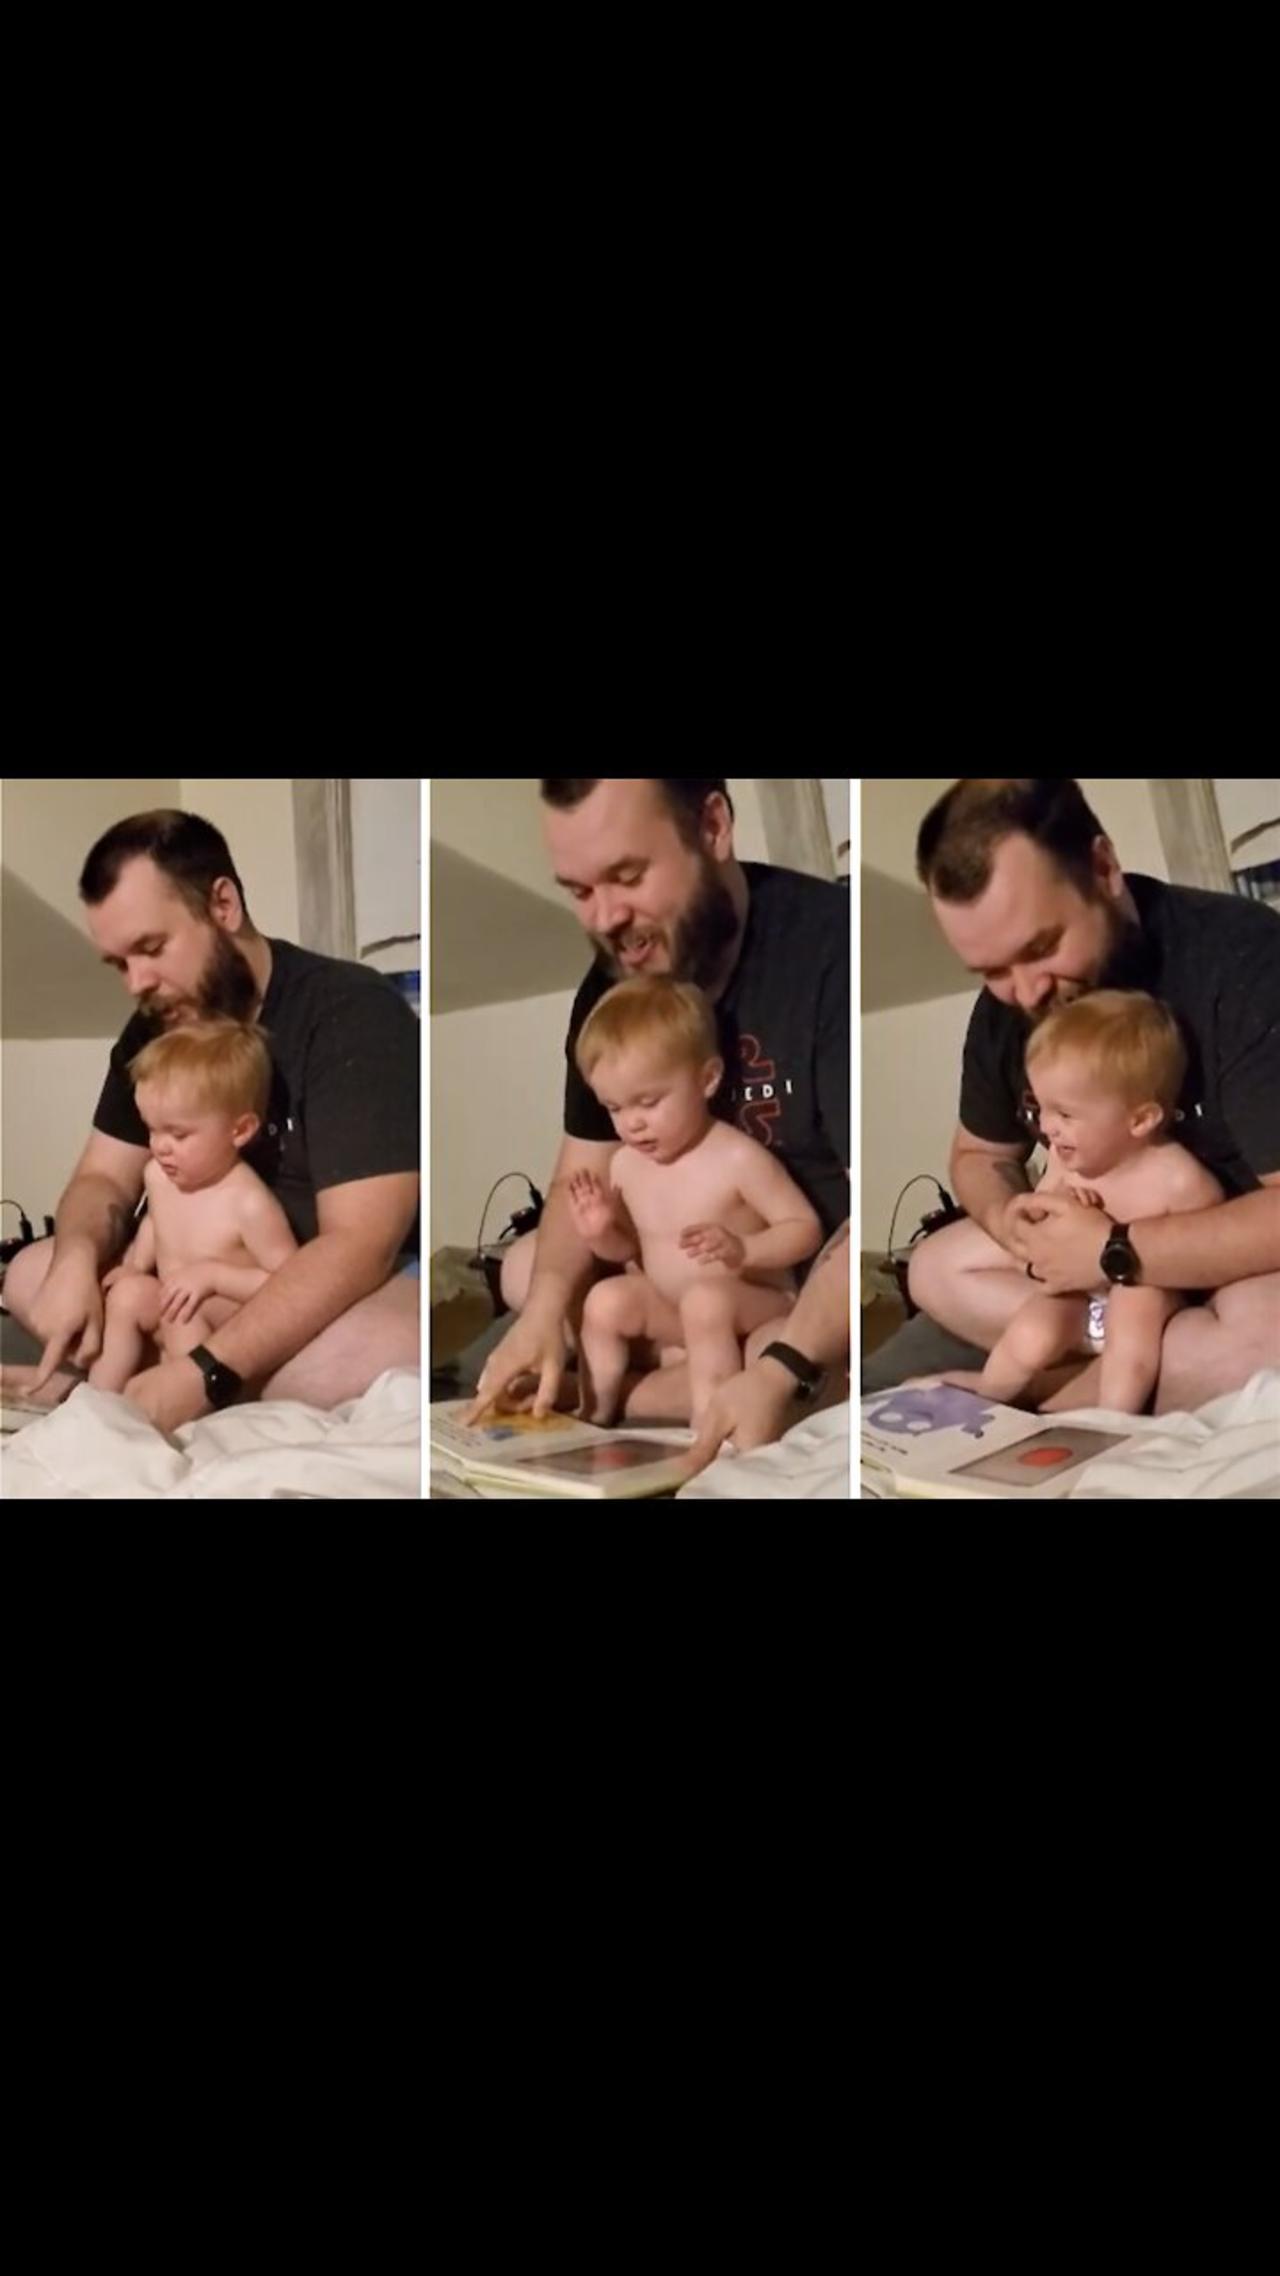 Dad & son have a blast reading creative children's book